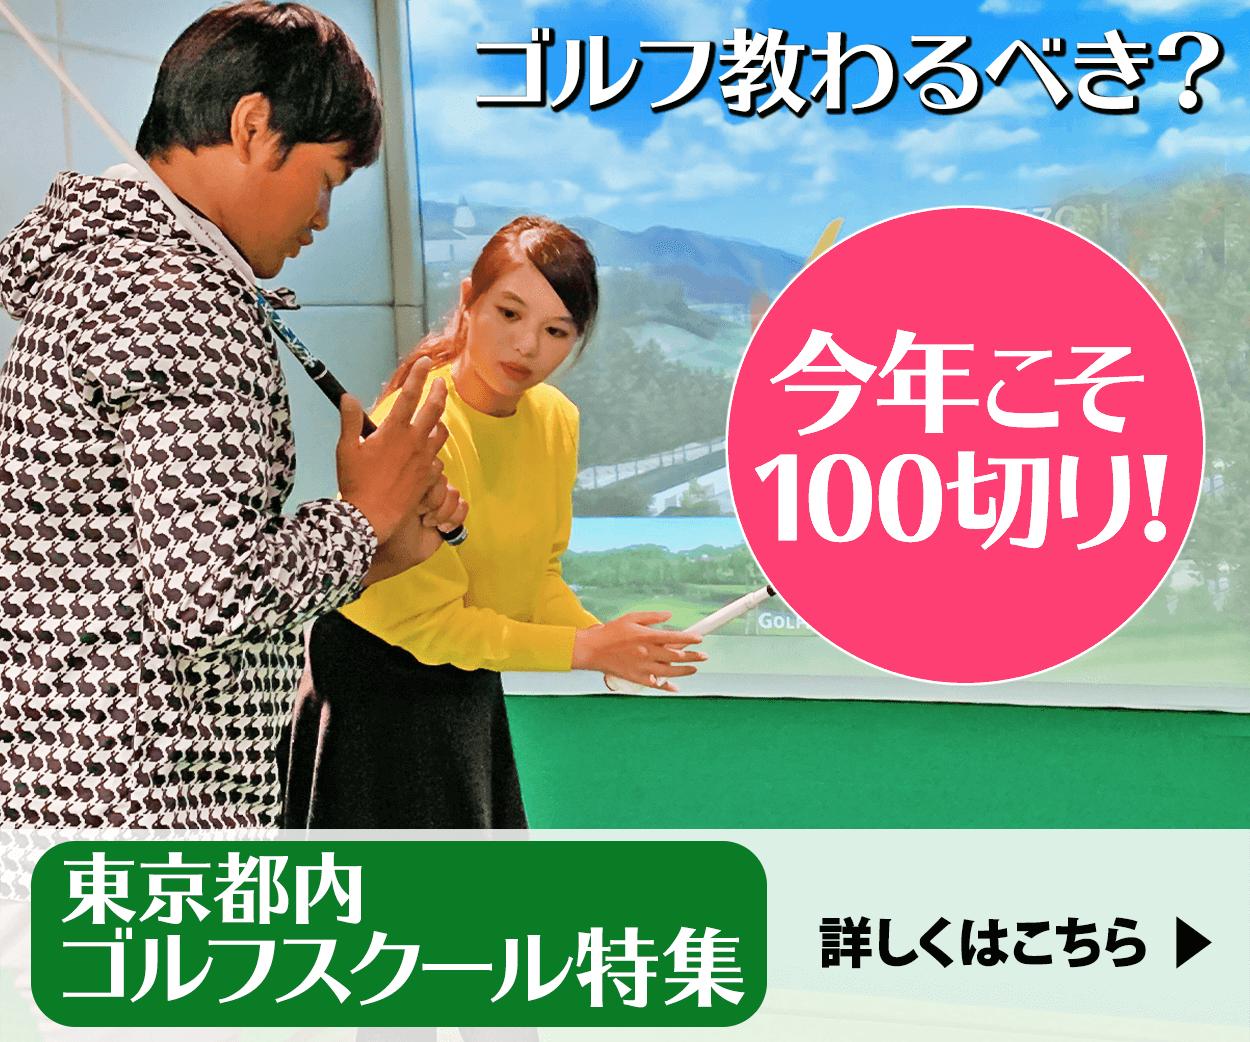 東京都内おすすめゴルフスクール特集